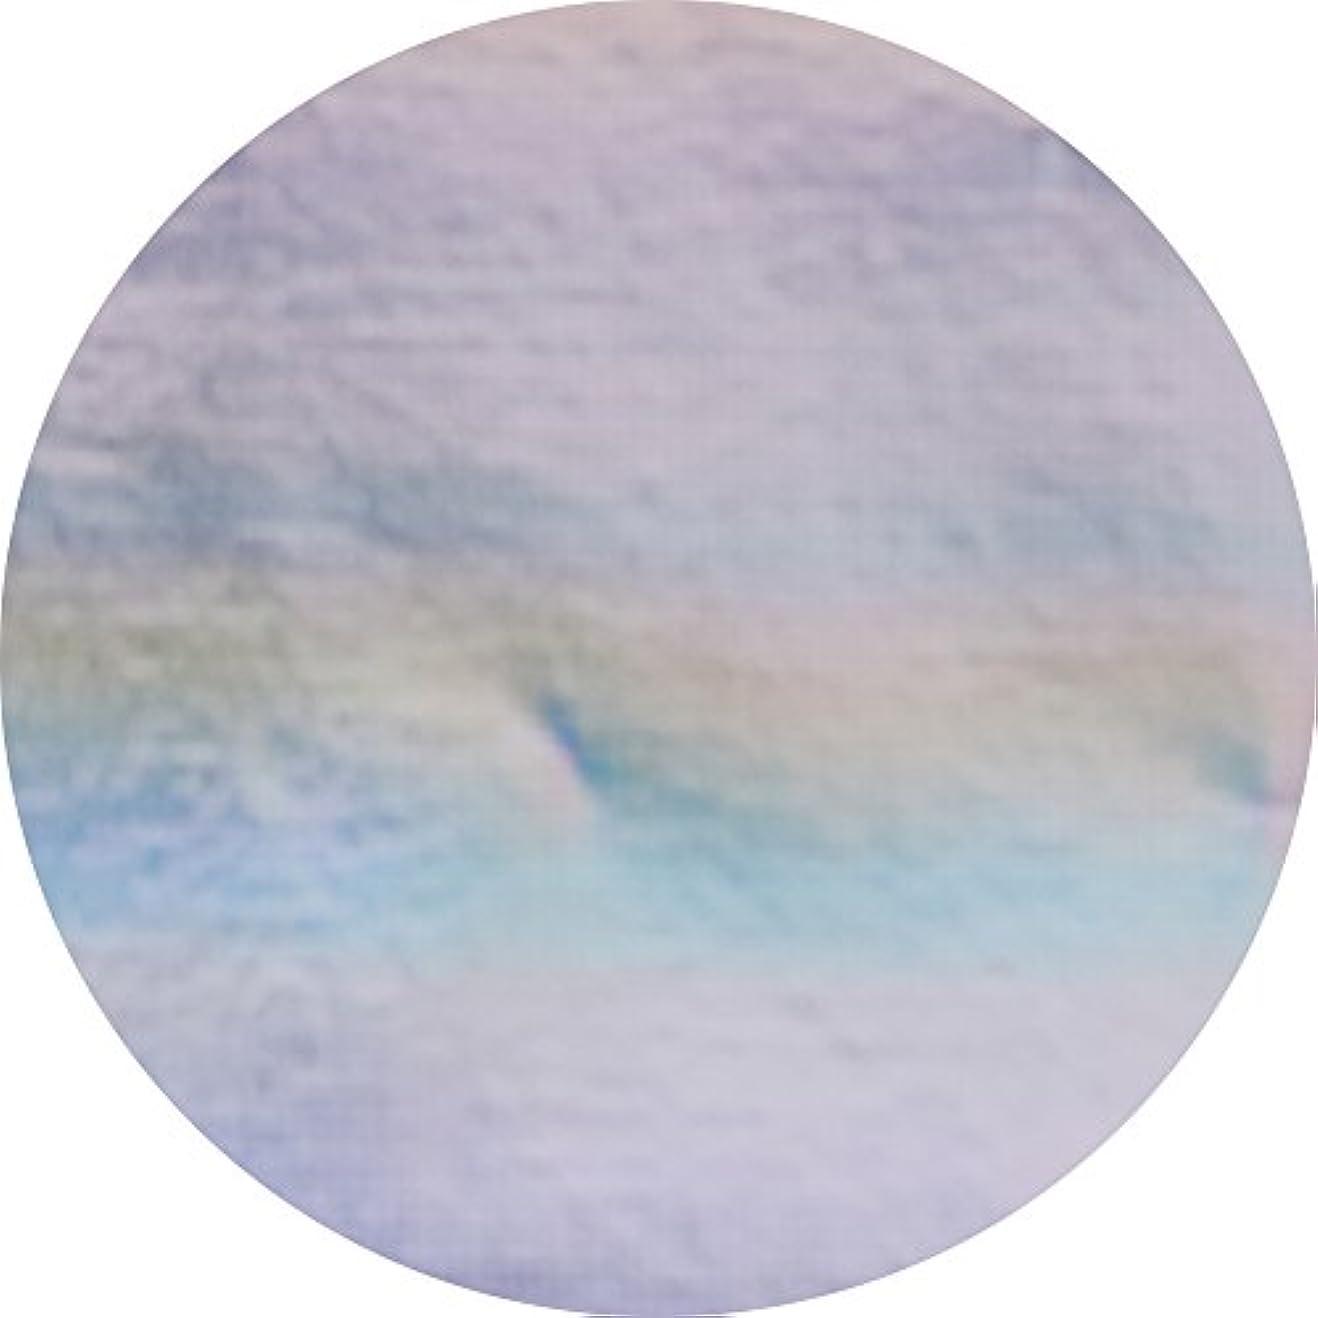 スクラップ海峡ひも回転させるMATIERE ネイルホイル シルバー